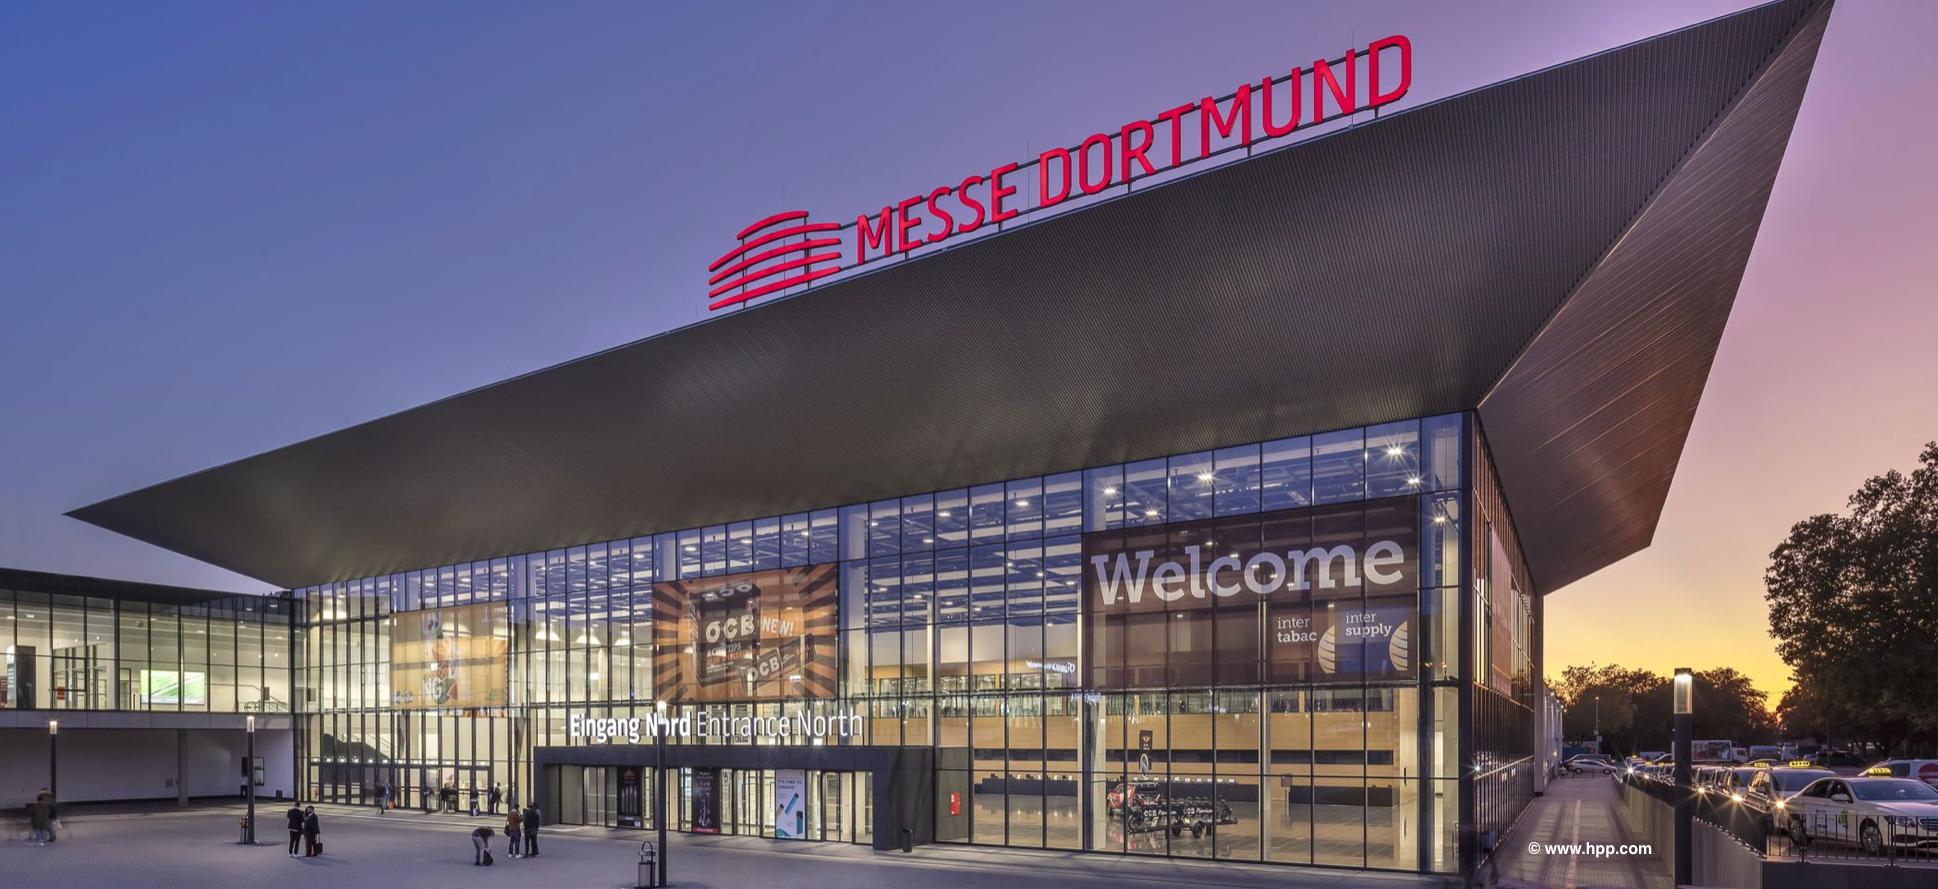 MESSE DORTMUND / WESTFALENHALLEN